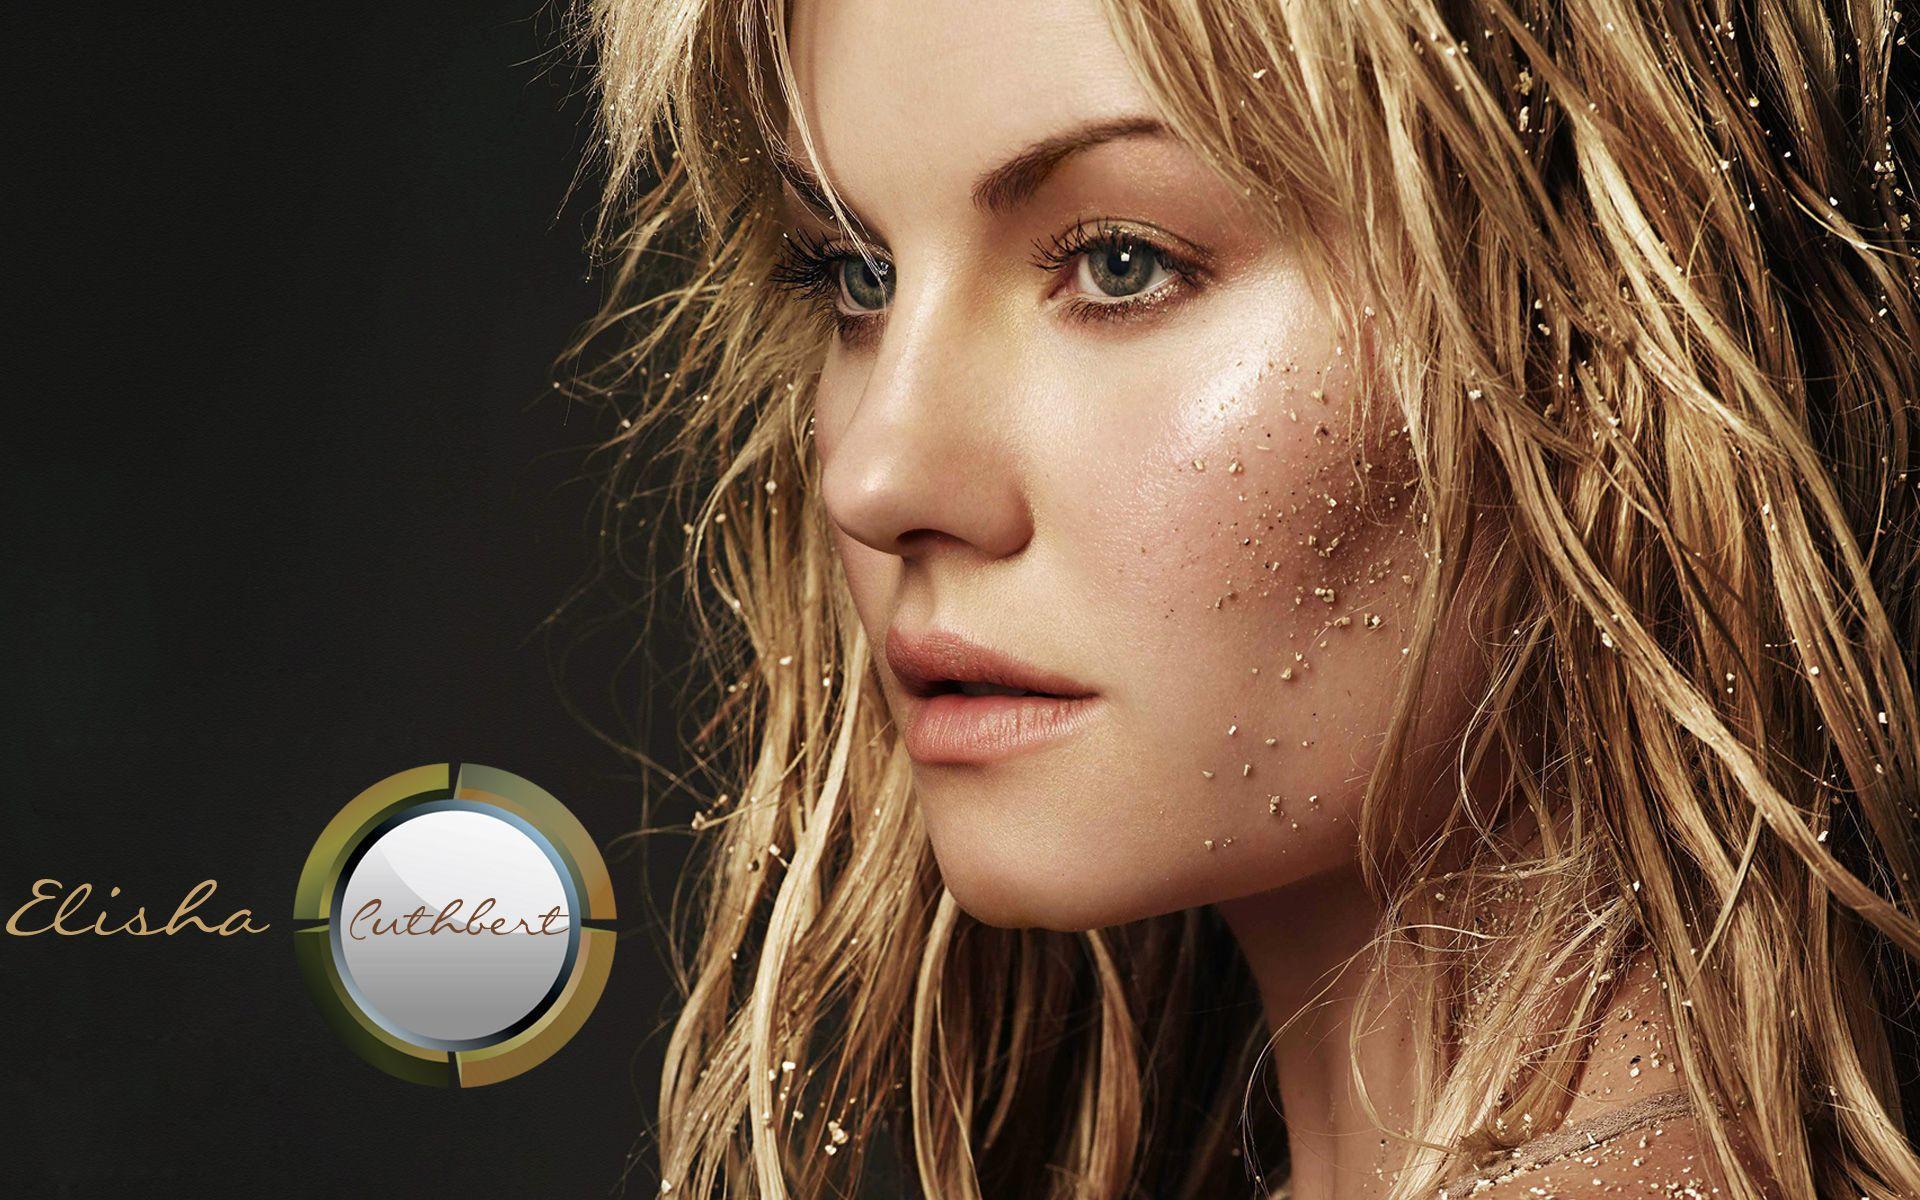 elisha cuthbert sexy hd wallpaper Hollywood Actress, HD, Hot, Sexy ...